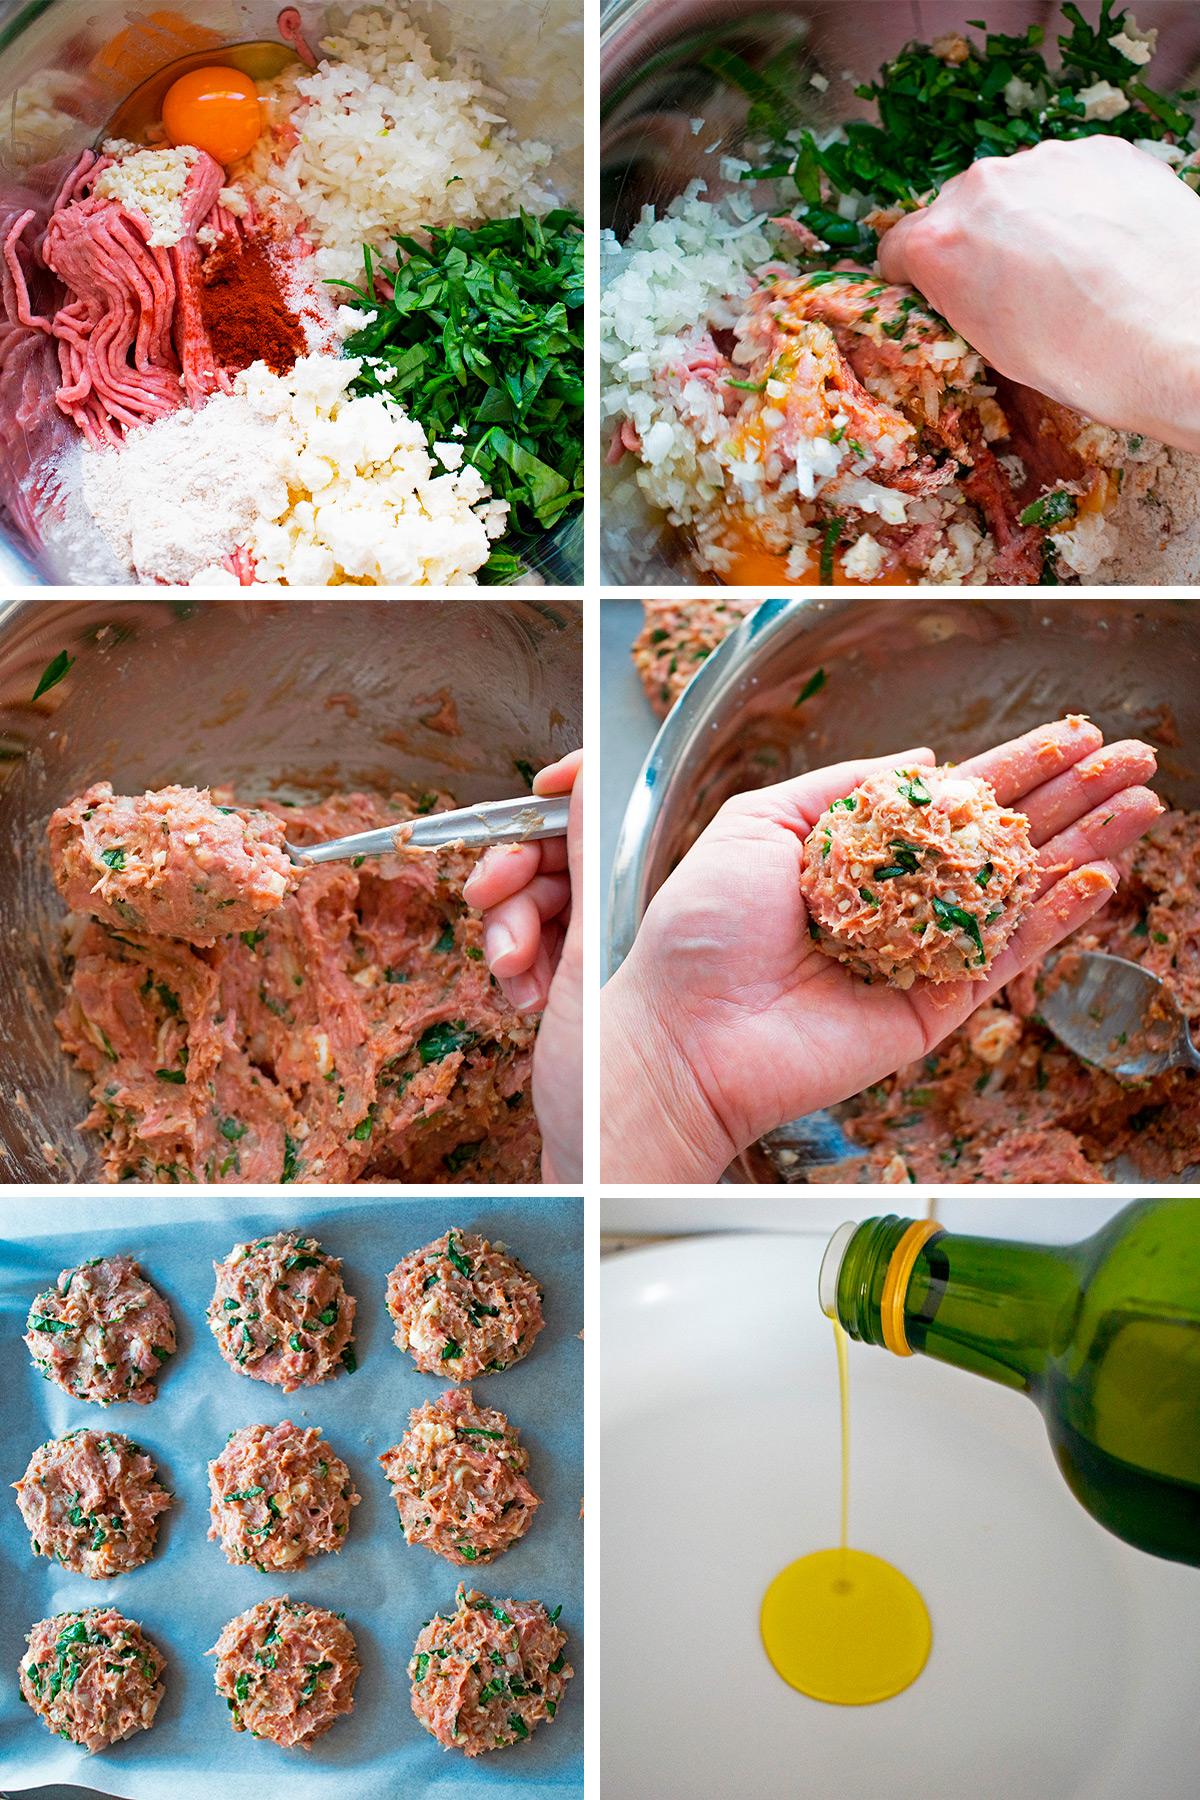 hamburguesas de pavo y espinacas receta paso a paso